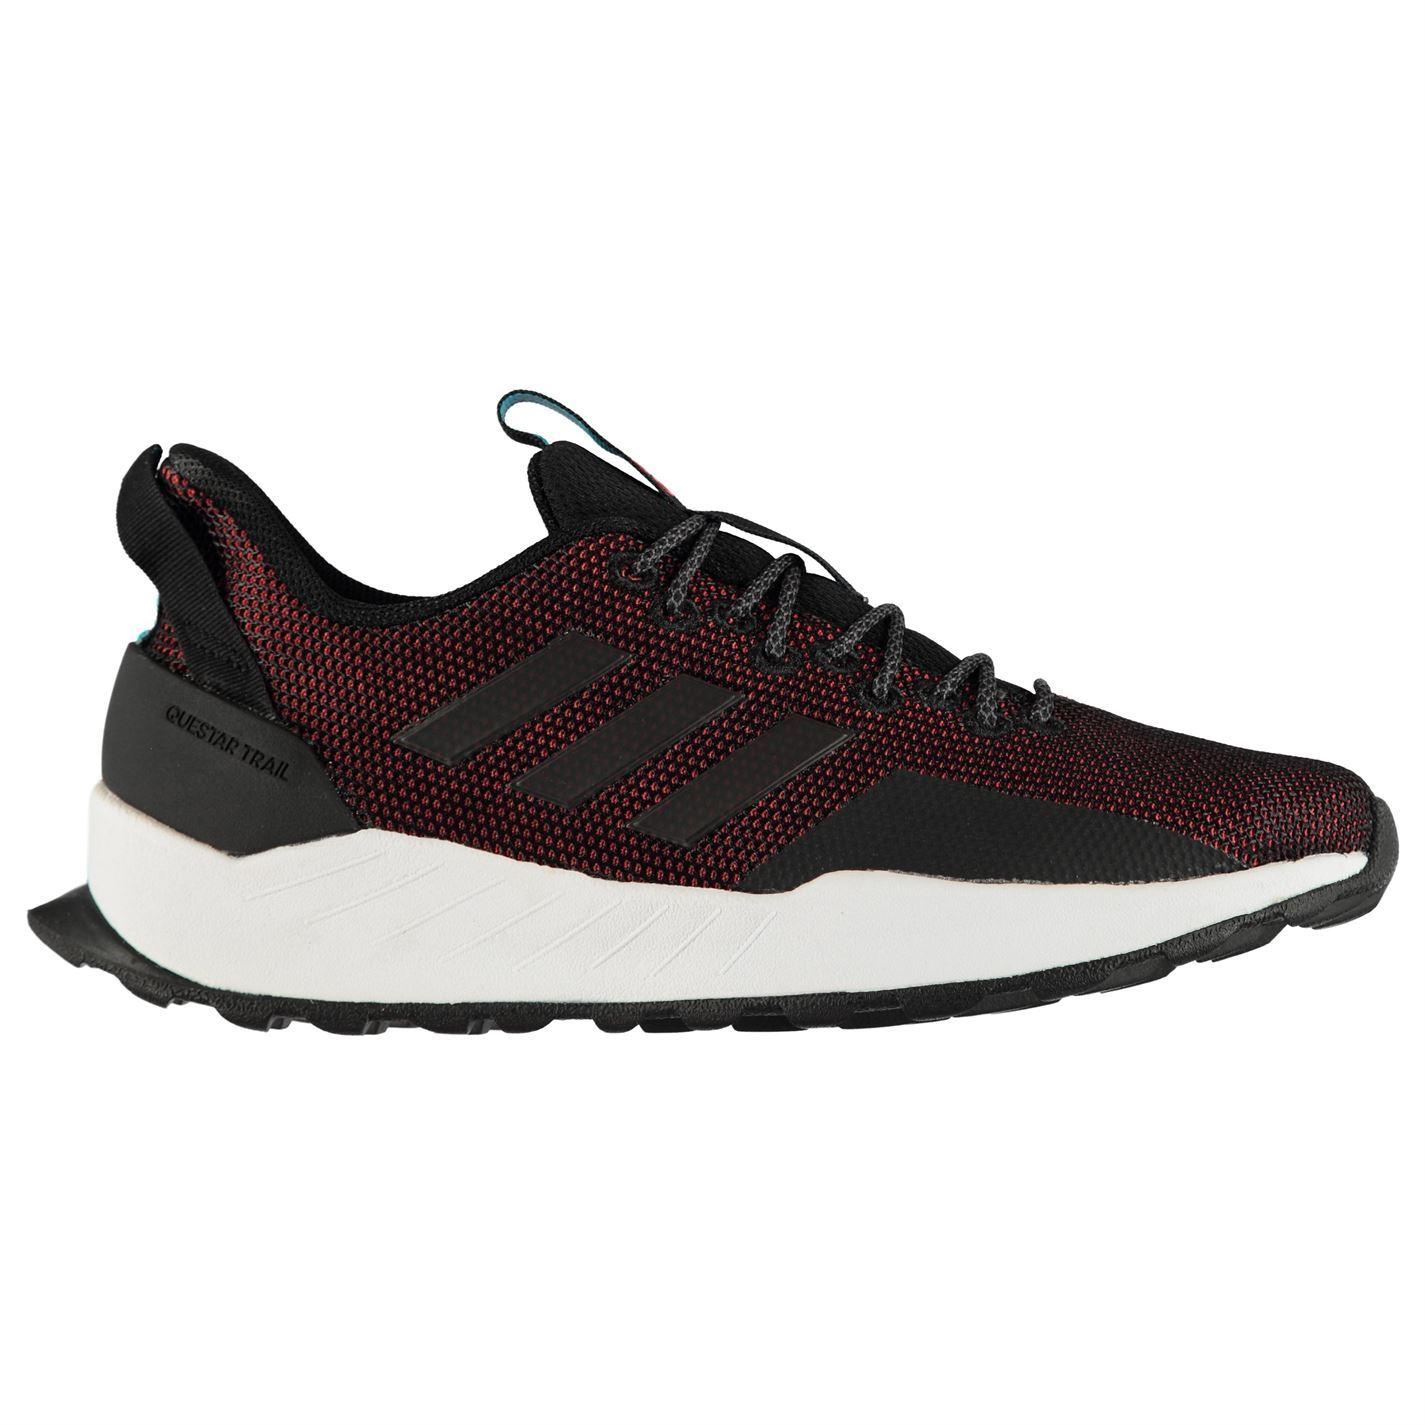 a pies en unos dias más vendido Detalles de Adidas Questar Zapatillas de Correr Hombre Fitness Trote  Zapatillas